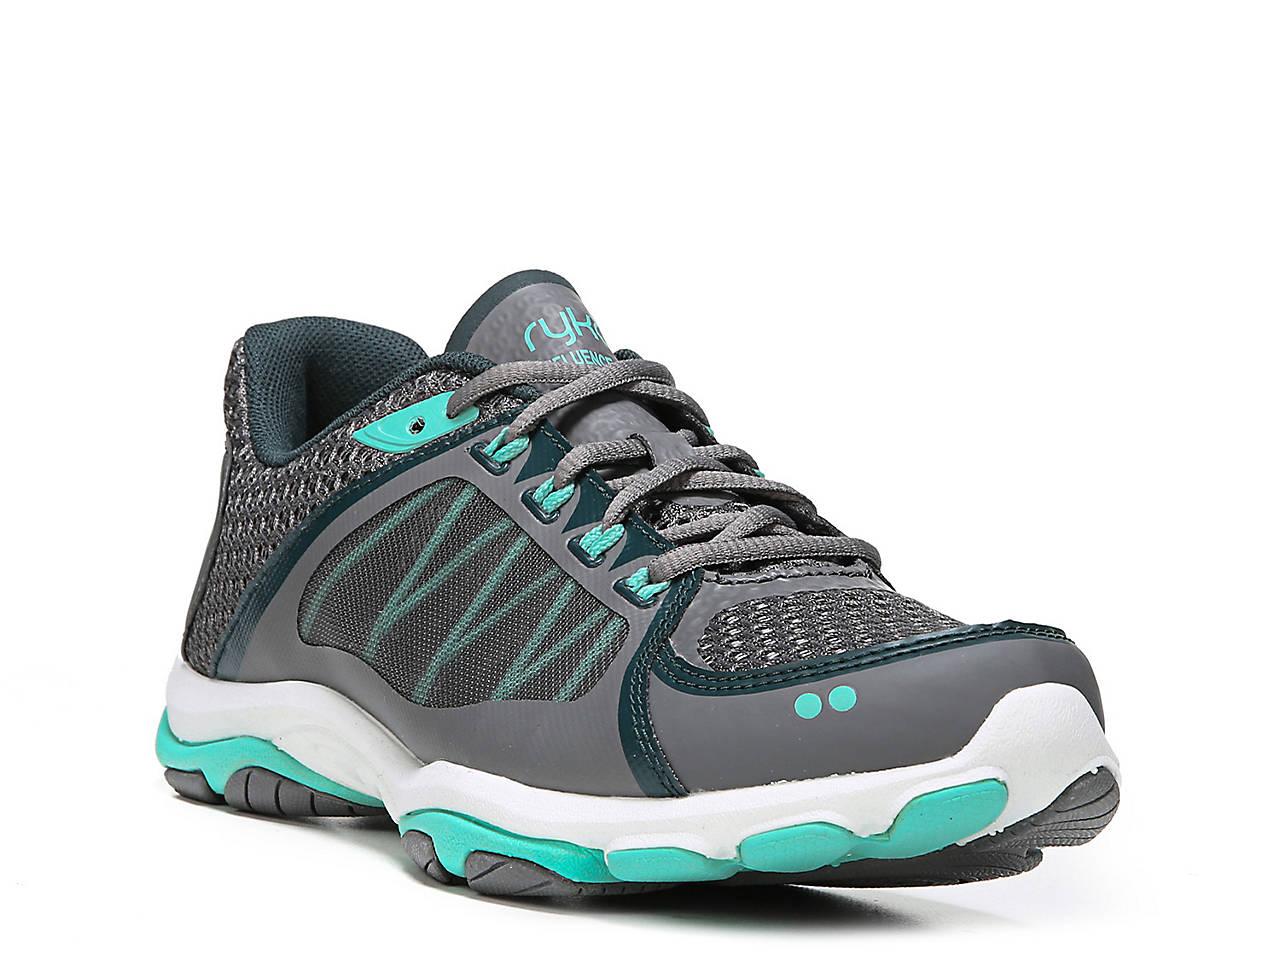 e86cbbde2e80 Ryka Influence 2.5 Training Shoe - Women s Women s Shoes